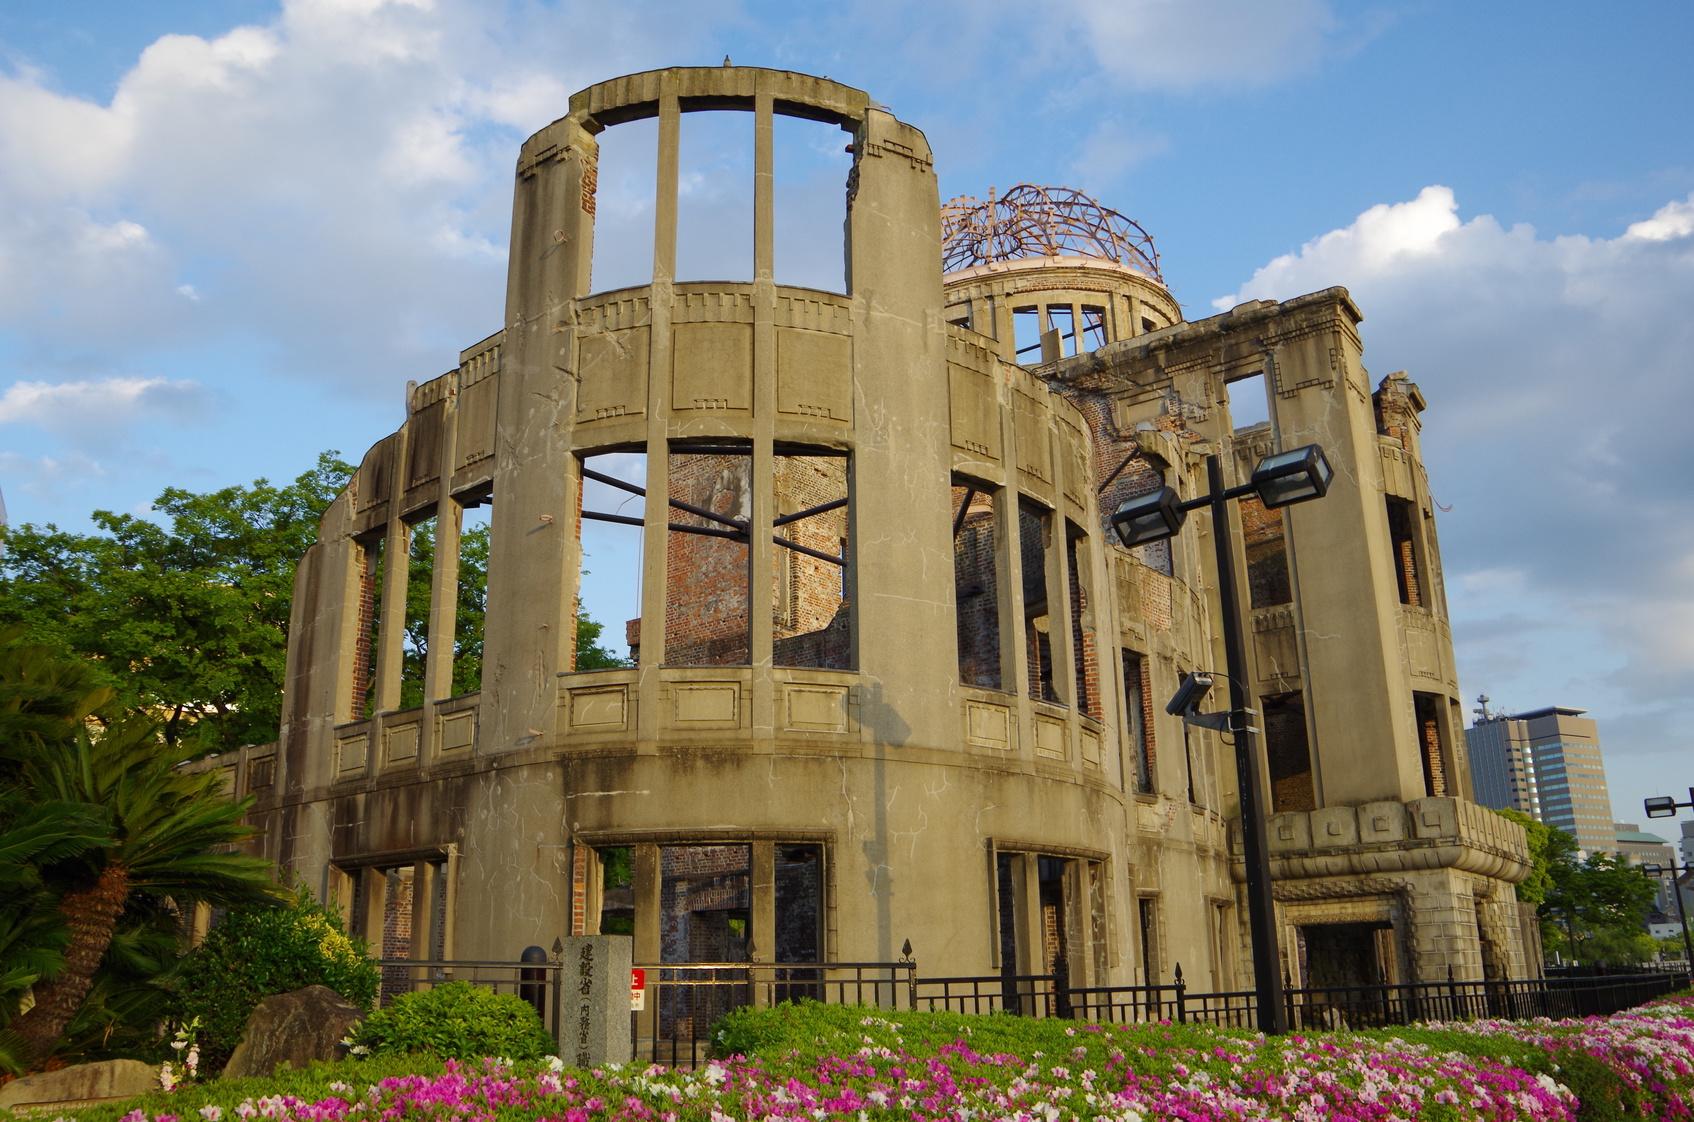 Photo prise à Hiroshima, incontournable en WHV Japon